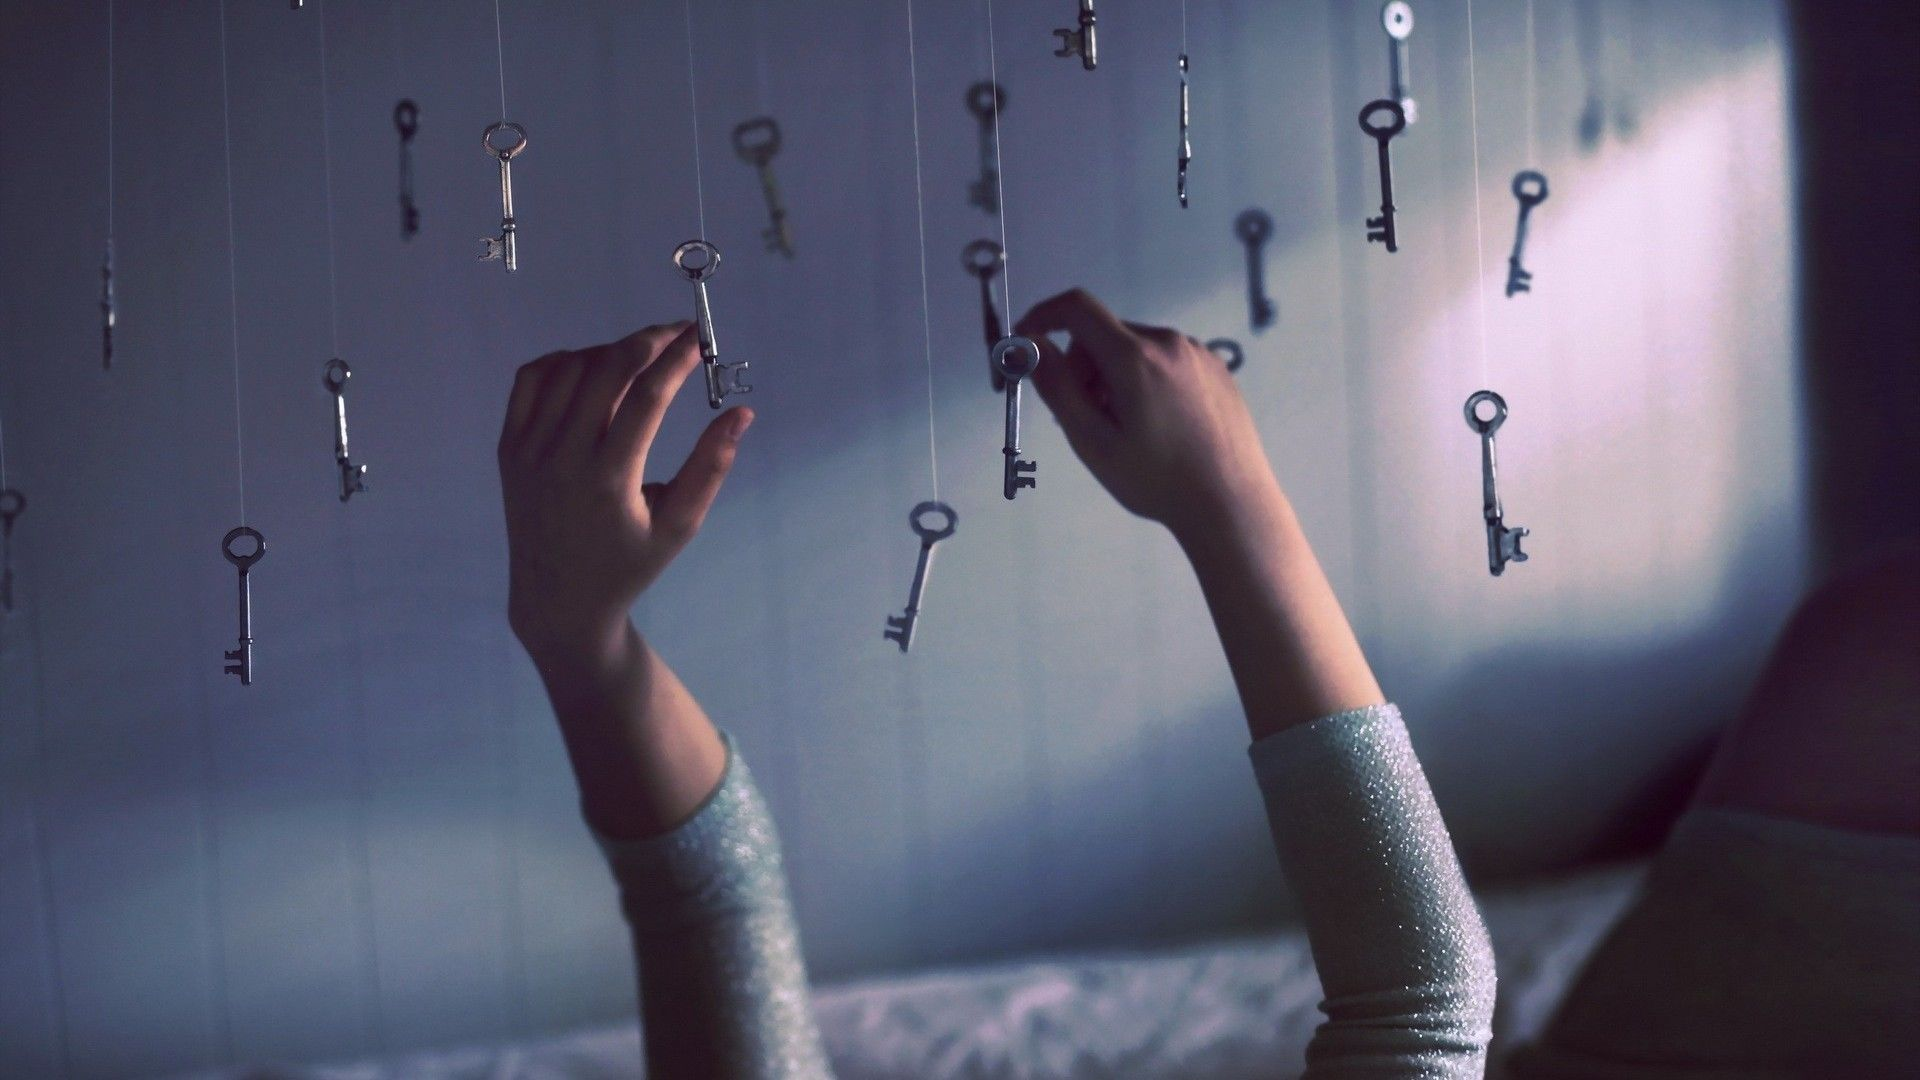 Уединенная обстановка для развития интуиции, спокойствие, чувствовать свои ощущения